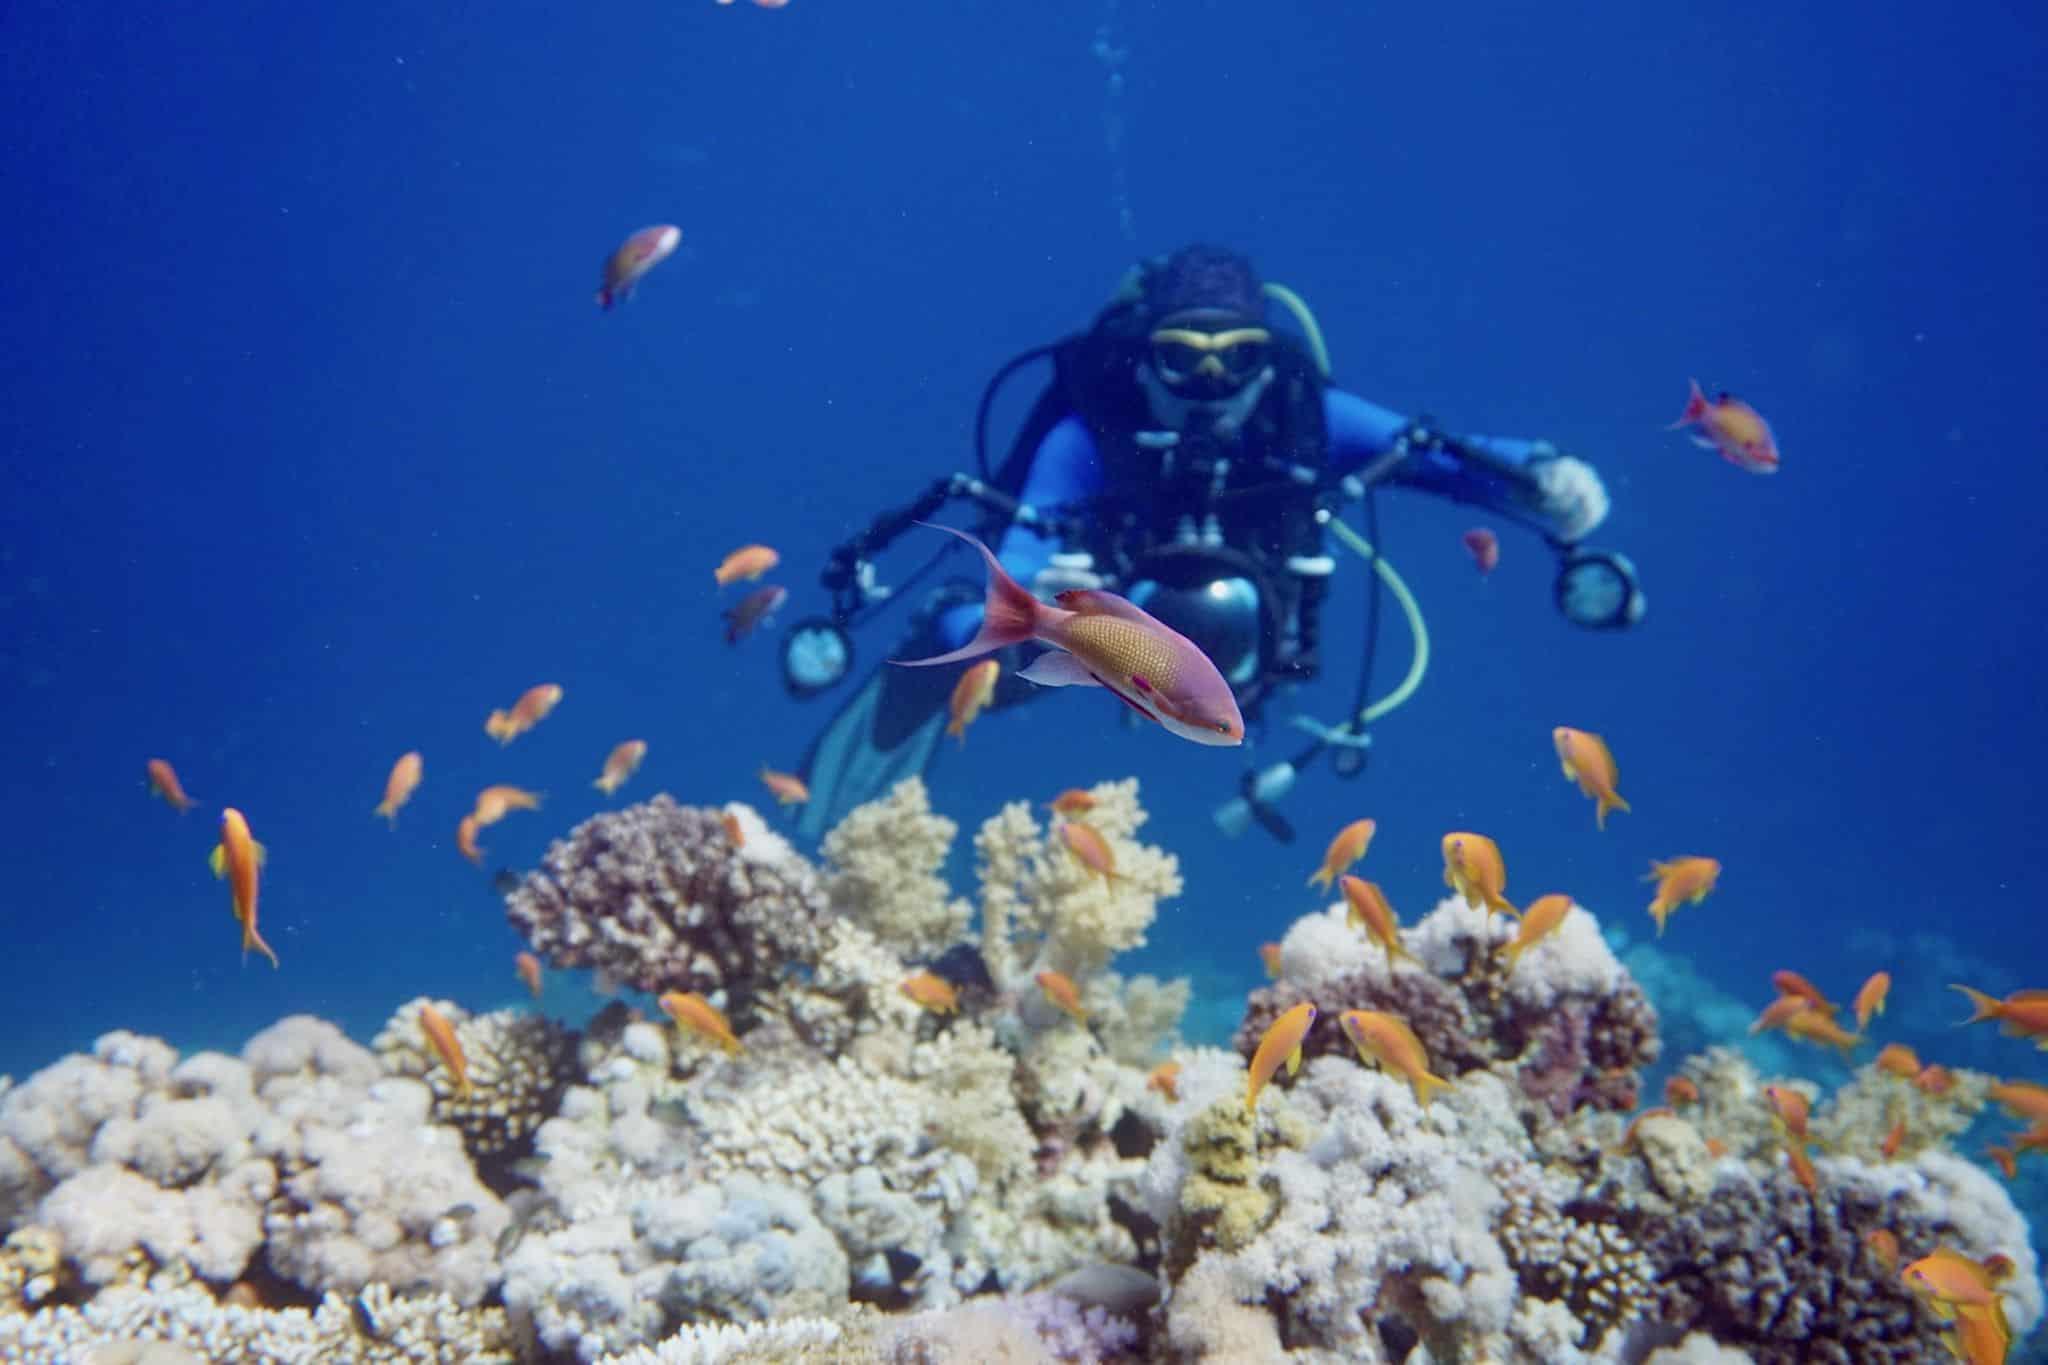 sharm el sheik reise urlaub tipps cleopatra luxury resort vip diving college tauchen ORG DSC01341 Reisebericht Sharm El Sheikh: Tipps zu Sehenswürdigkeiten und Aktivitäten